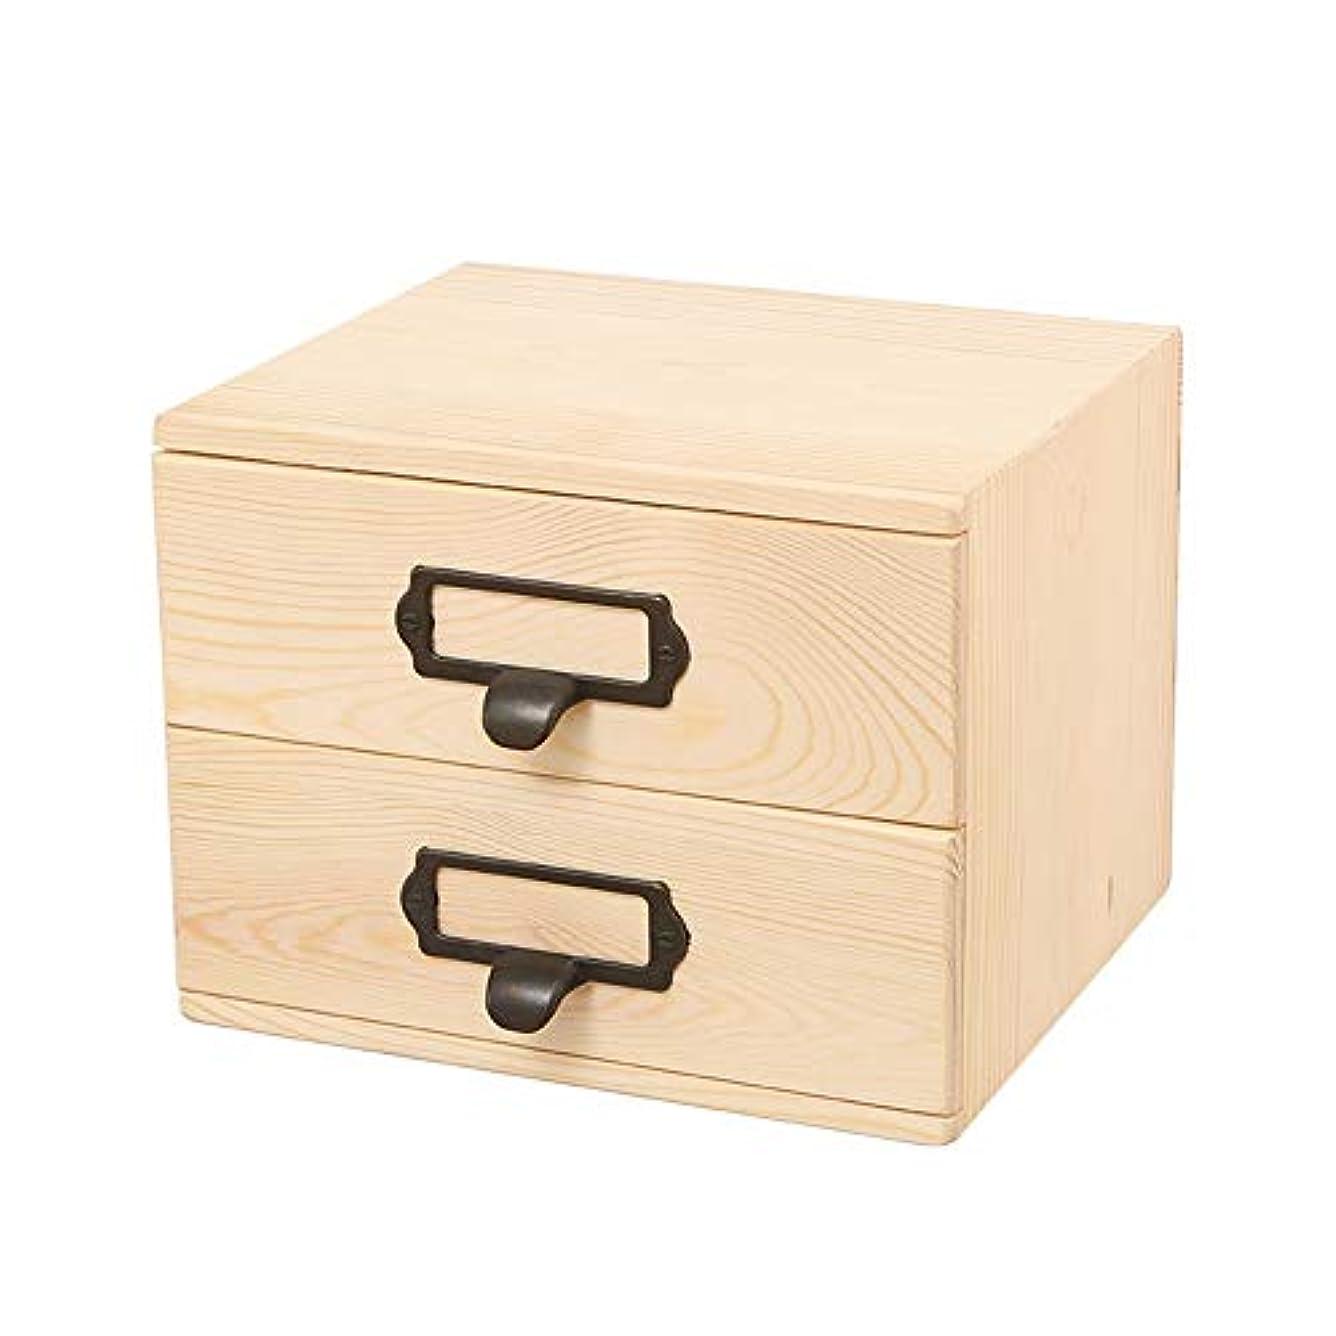 キャロライン堂々たるセージエッセンシャルオイルの保管 2ティア木エッセンシャルオイルボックスオーガナイザーパーフェクトエッセンシャルオイルケース (色 : Natural, サイズ : 23.5X19.5X17.5CM)